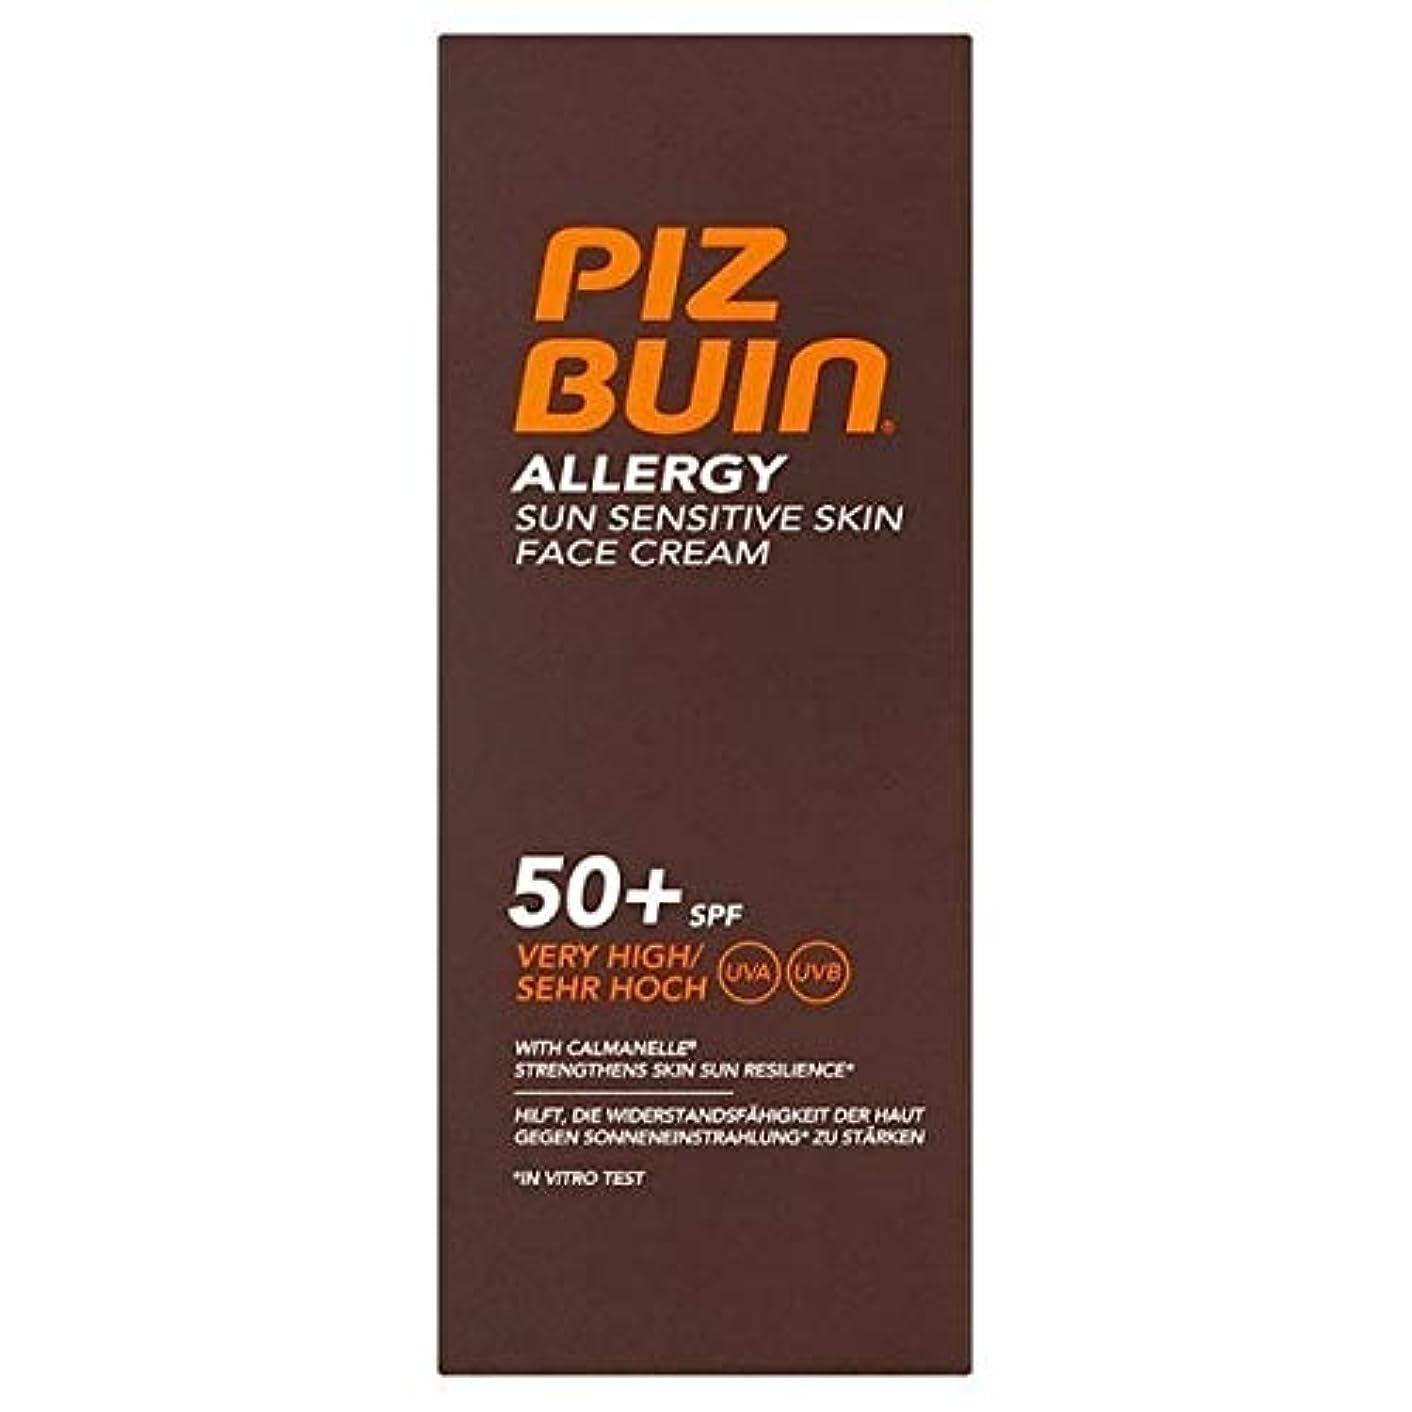 震え上陸味付け[Piz Buin] ピッツブーインアレルギーフェースクリームSpf 50+非常に高い40ミリリットル - Piz Buin Allergy Face Cream SPF 50+ Very High 40ml [並行輸入品]